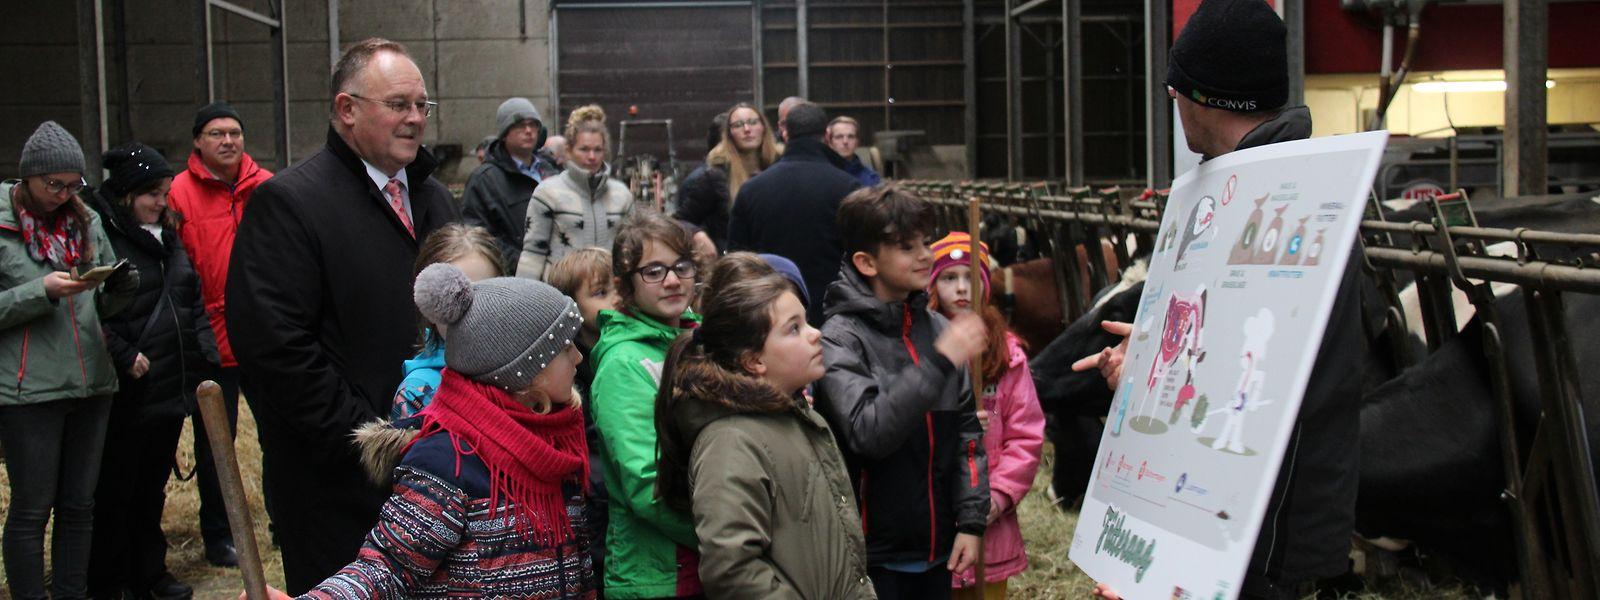 Joé Biver vom Milchproduzenten Biver-Haan (r.) erklärt den Schülern des Zyklus 3.1 aus Kehlen in Präsenz von Landwirtschaftsminister Romain Schneider, wie die Milch produziert wird.